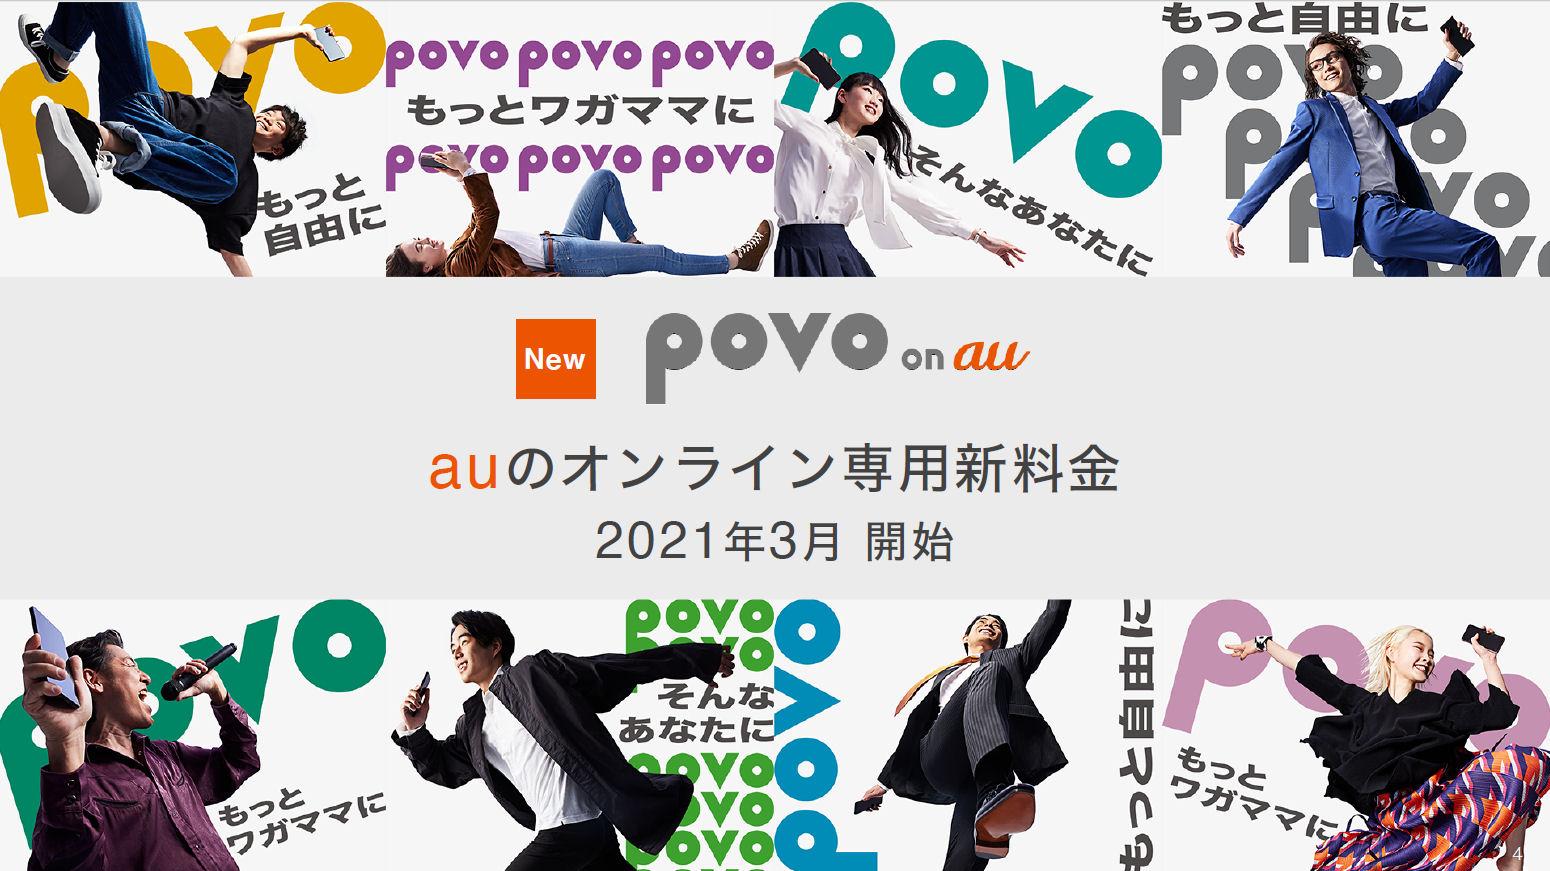 auがオンライン専用新ブランド「povo」発表 月額2480円で20GB、追加トッピング機能も - ITmedia Mobile